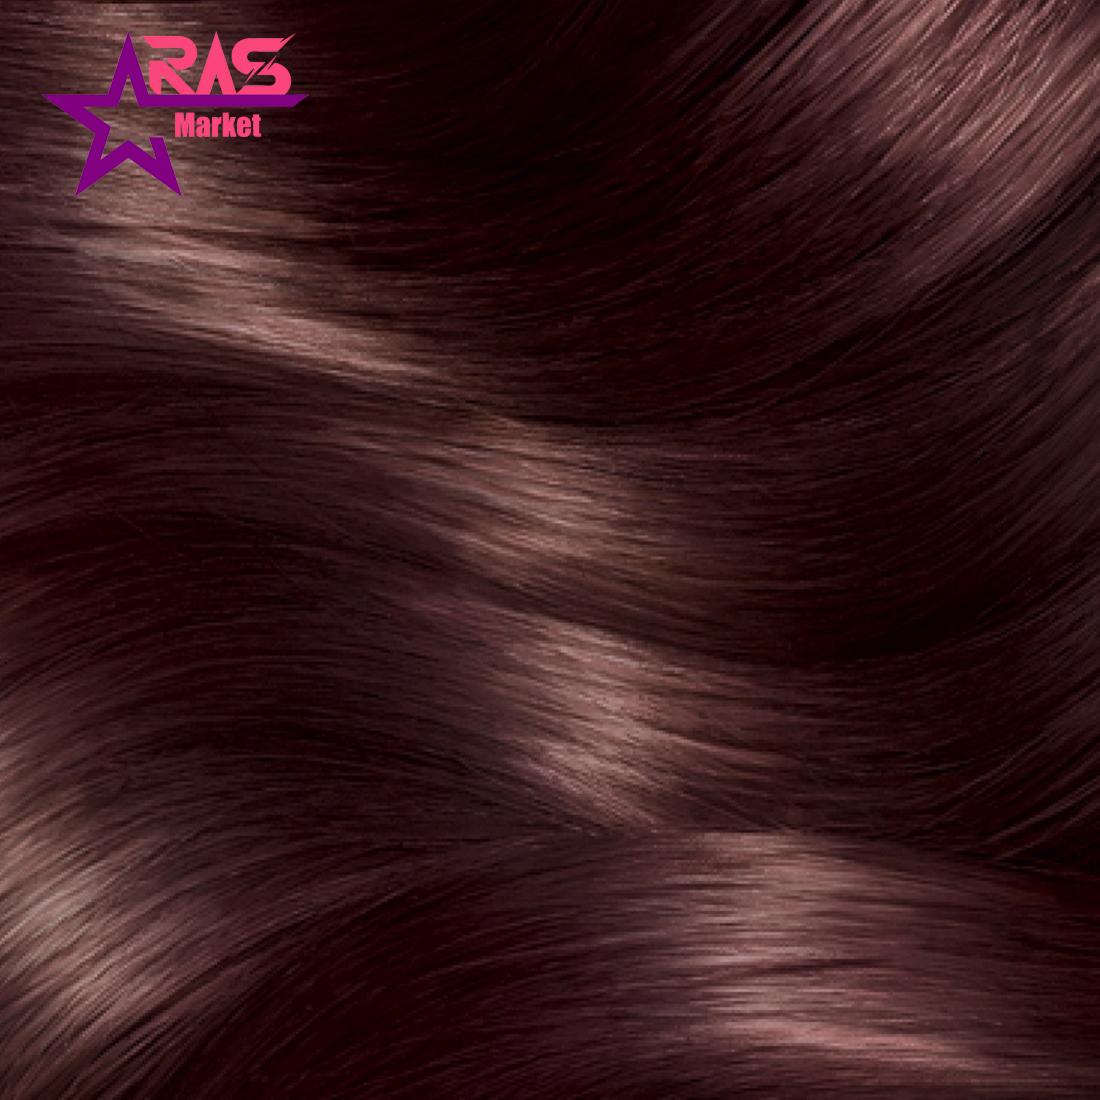 کیت رنگ مو گارنیر سری Color Naturals شماره 4.15 ، فروشگاه اینترنتی ارس مارکت ، رنگ موی گارنیر